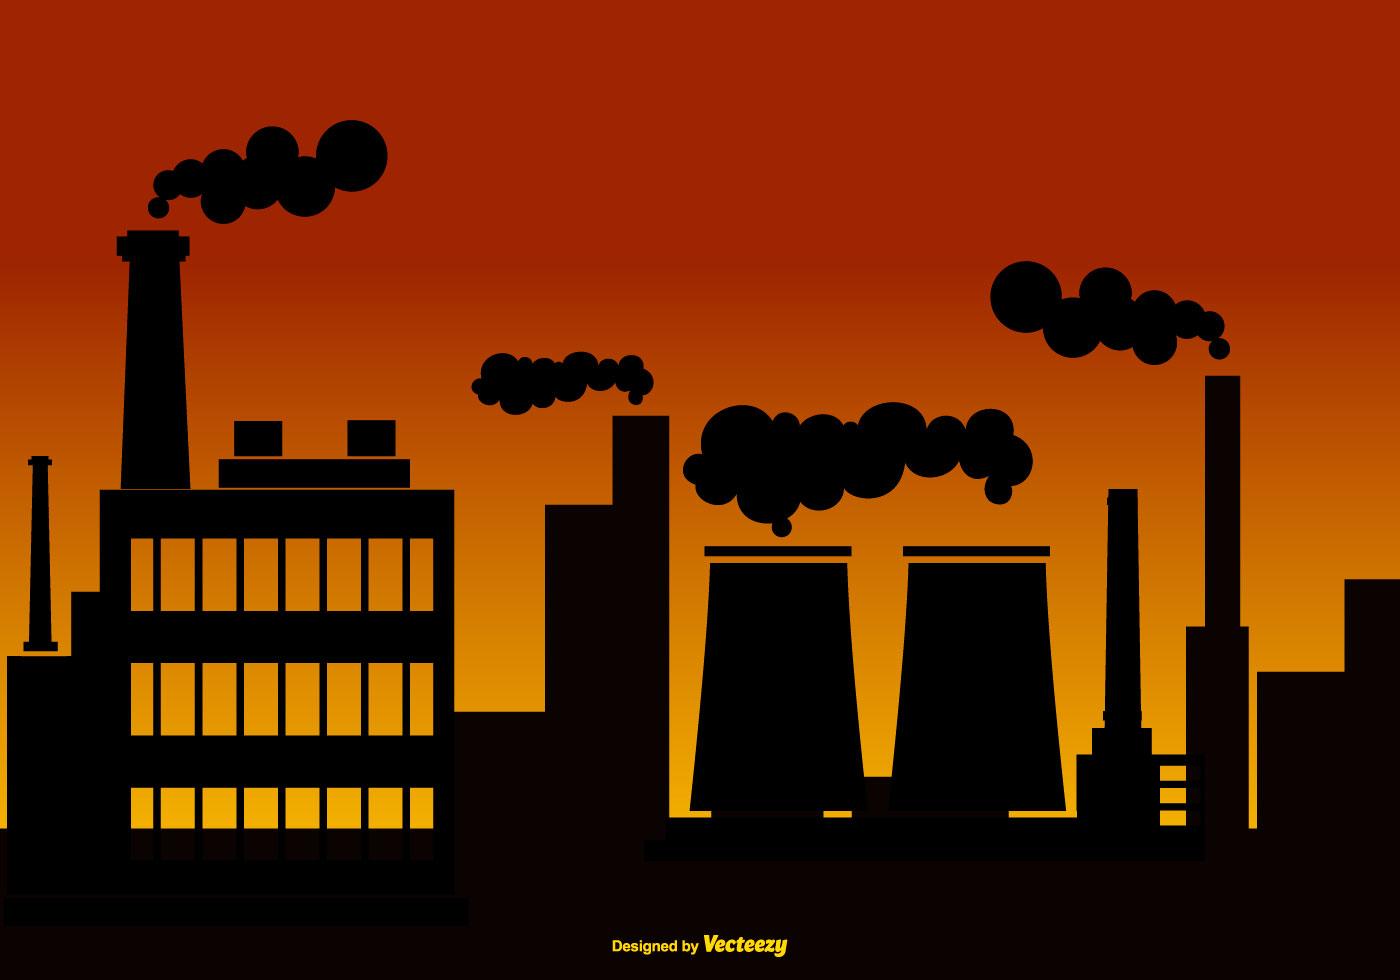 Vector Illustration Web Designs: Smoke Stack Background Illustration